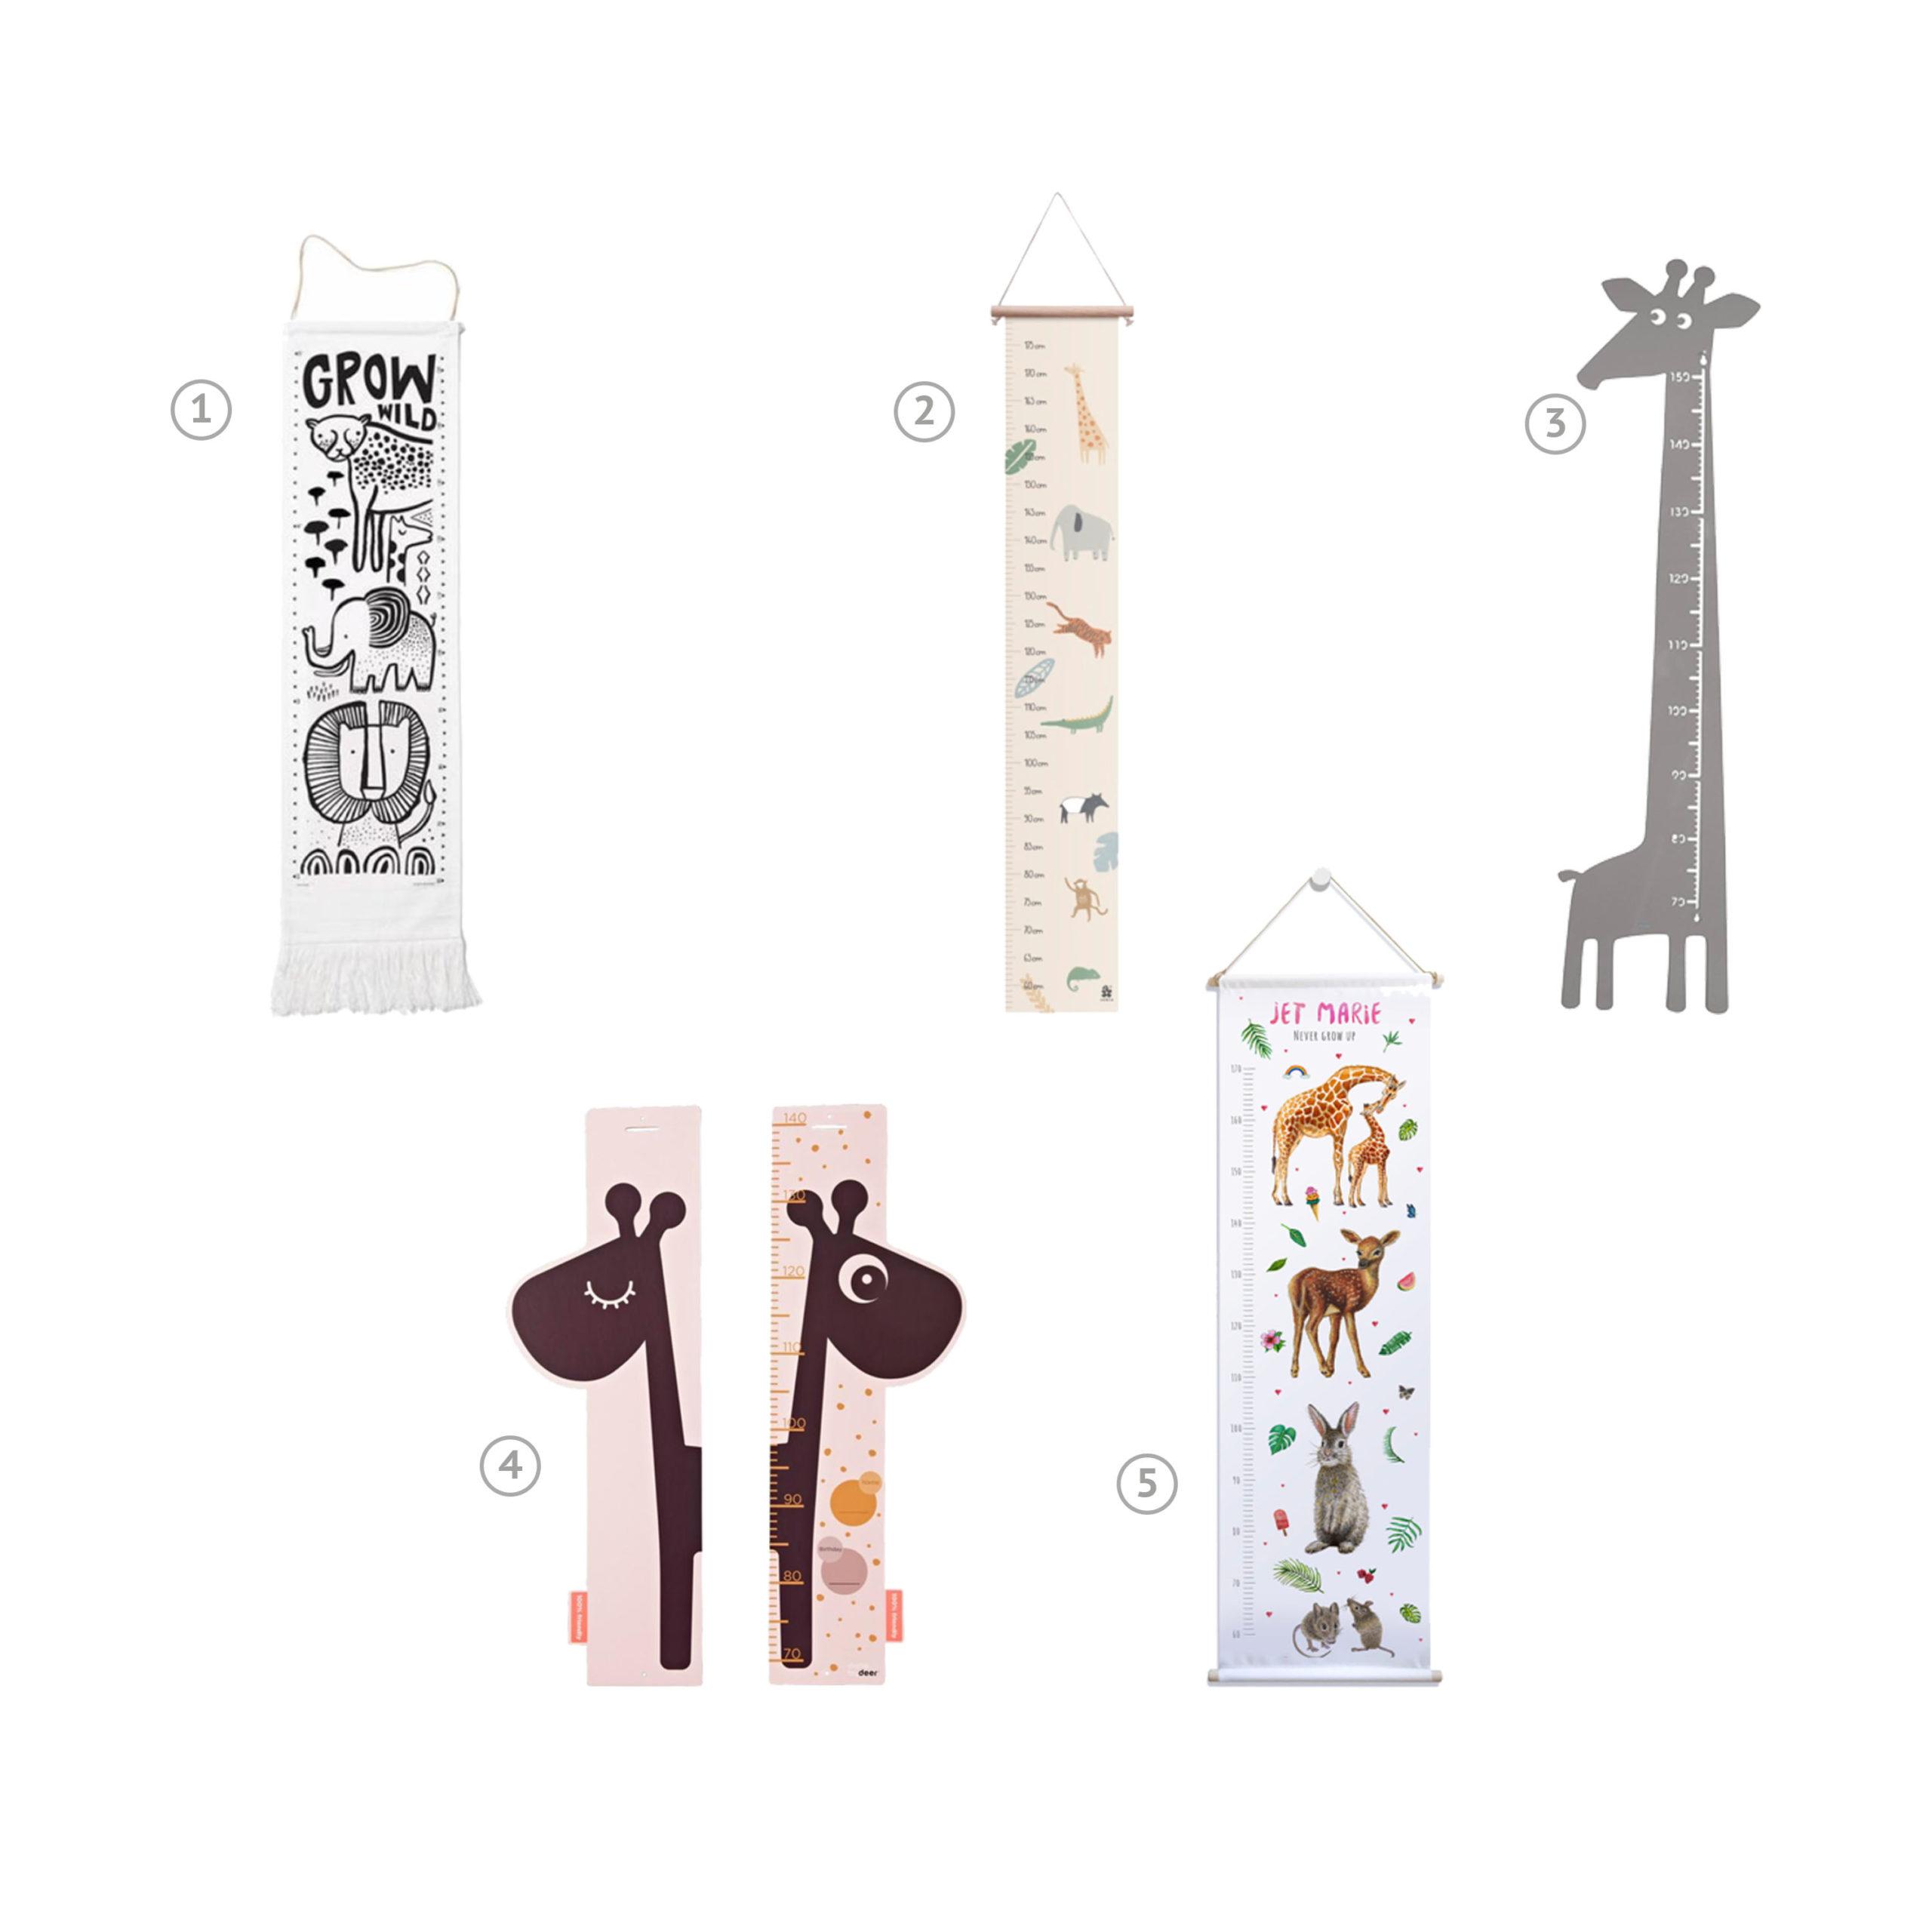 Een groeimeter is een leuke accesoire voor de kinderkamer of speelhoek. Wij delen onze favorieten met je in diverse thema's.